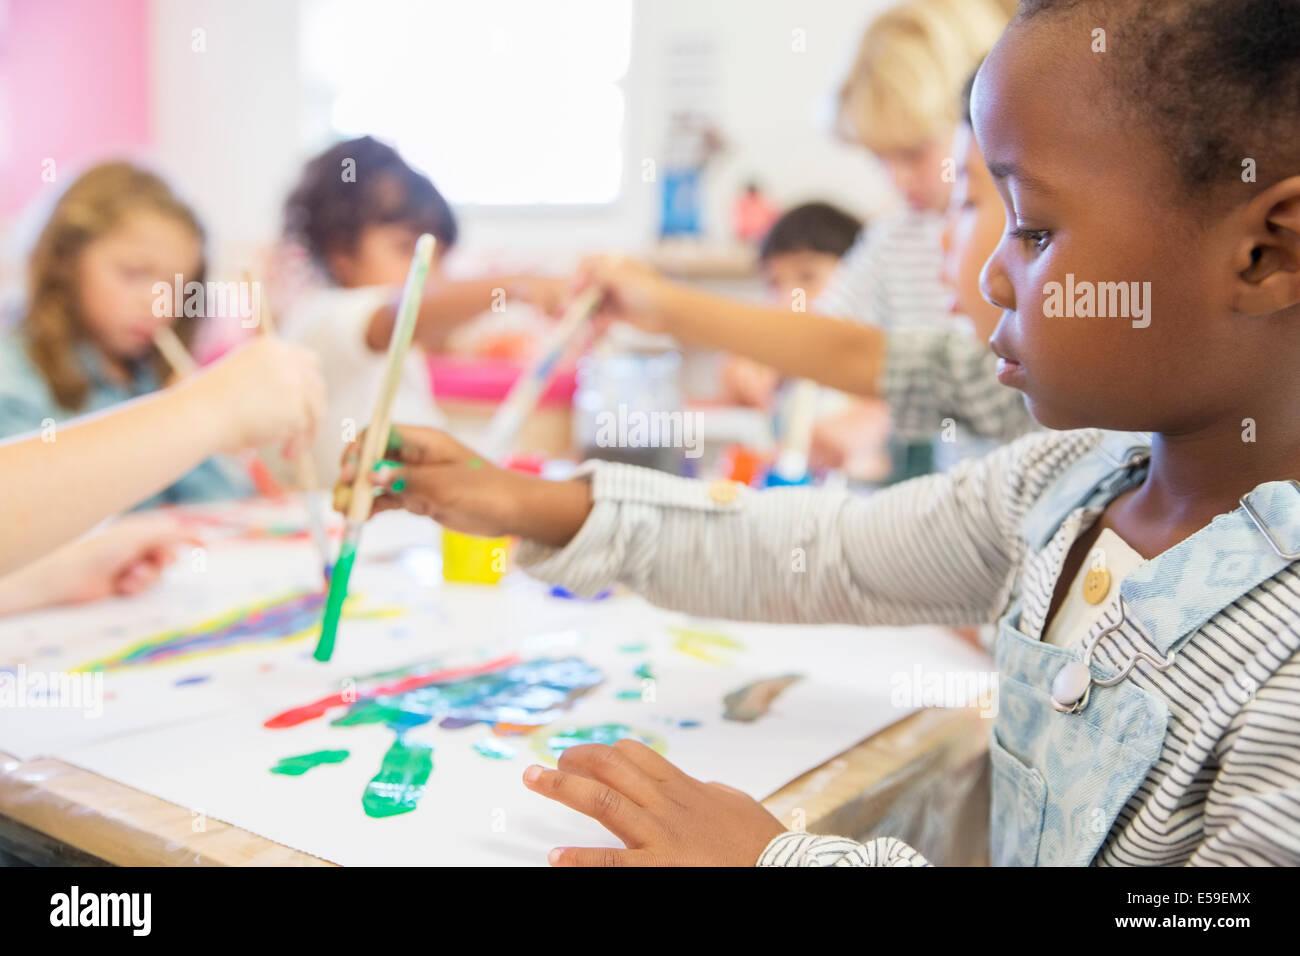 Pintura del estudiante en el aula Imagen De Stock